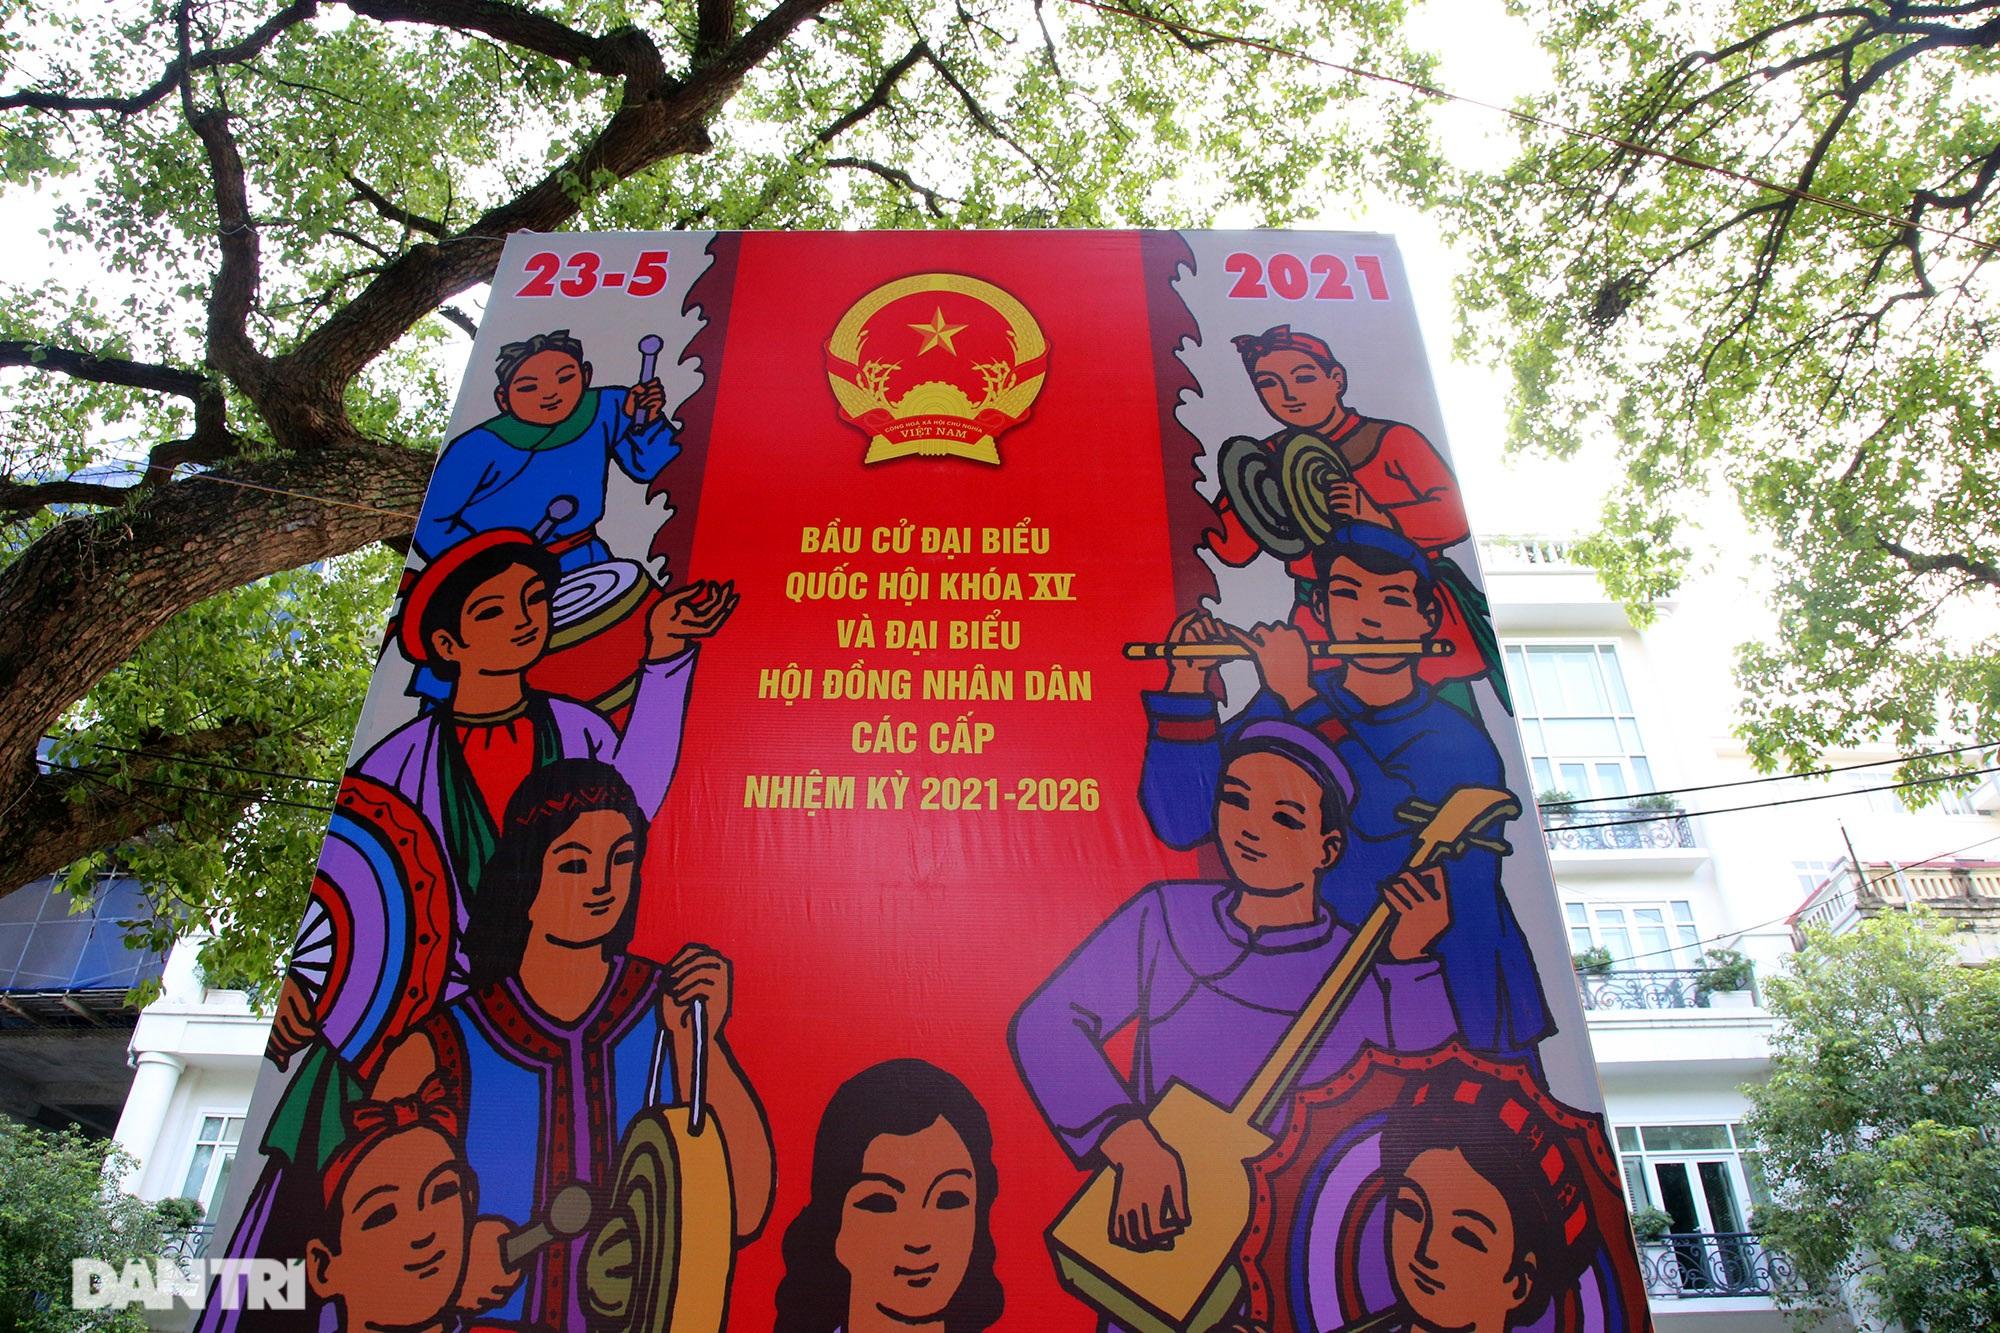 Hà Nội trang trí đường phố chào mừng cuộc bầu cử Đại biểu Quốc hội khóa XV - 7